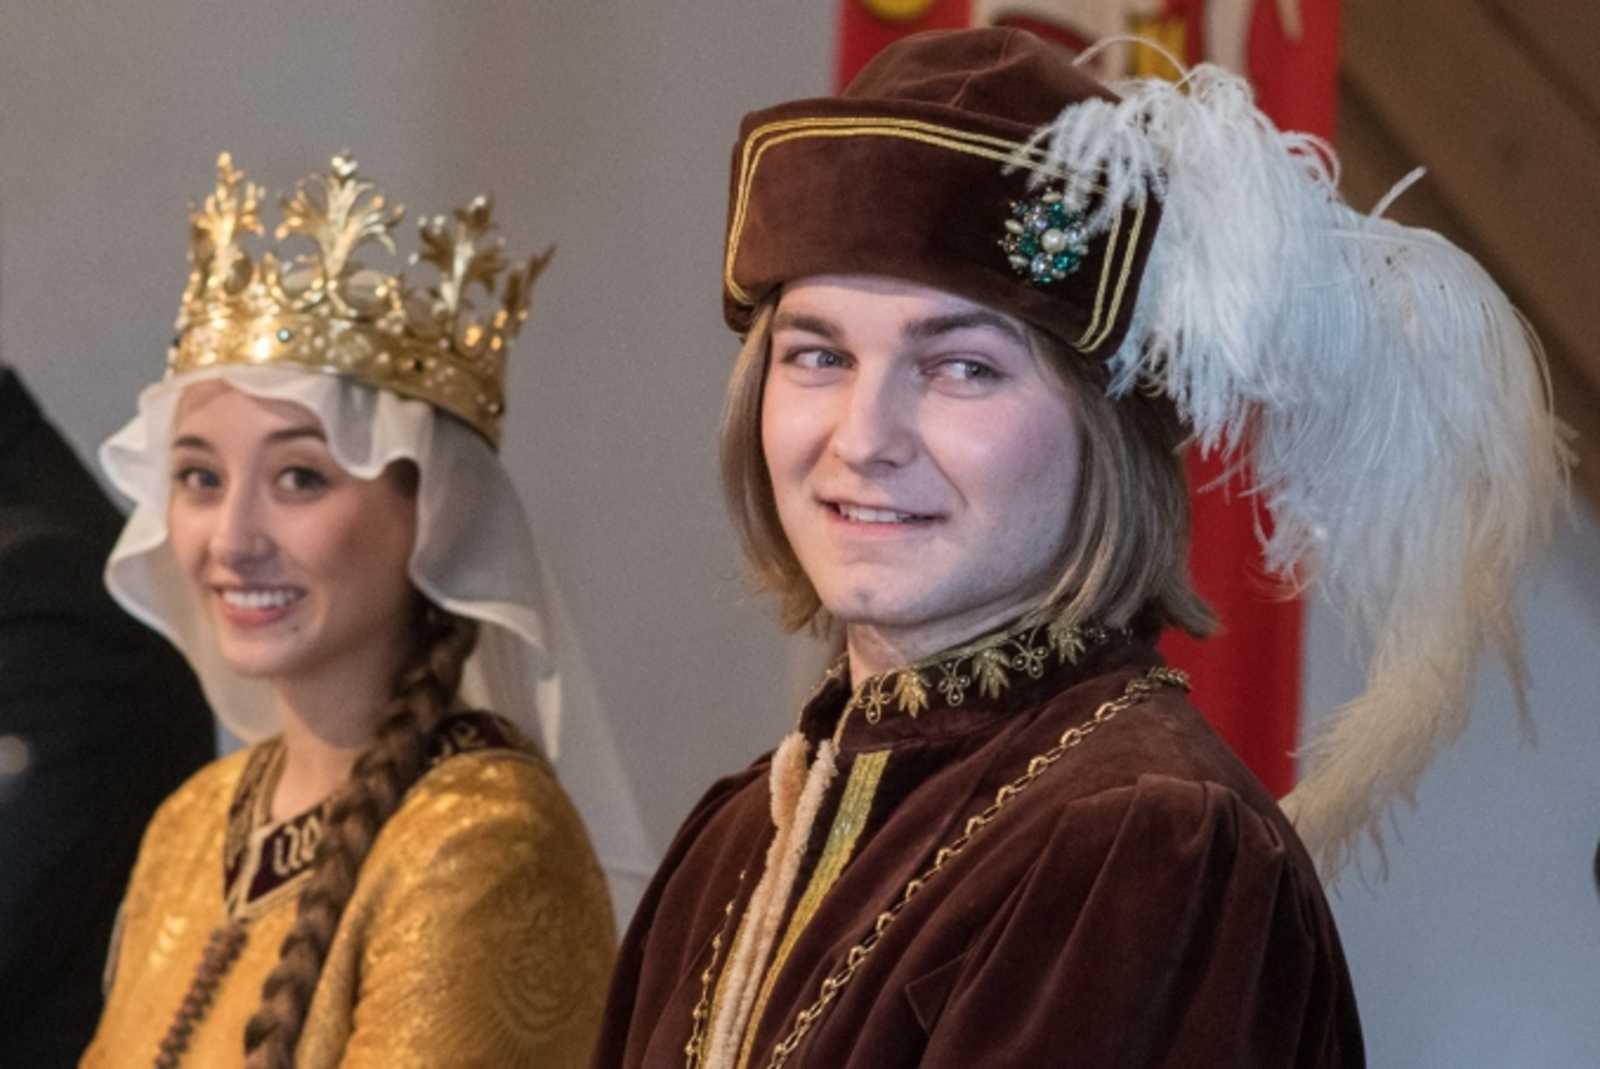 Landshut Hochzeit 2017 Impressionen Von Der Cadolzburg 2017